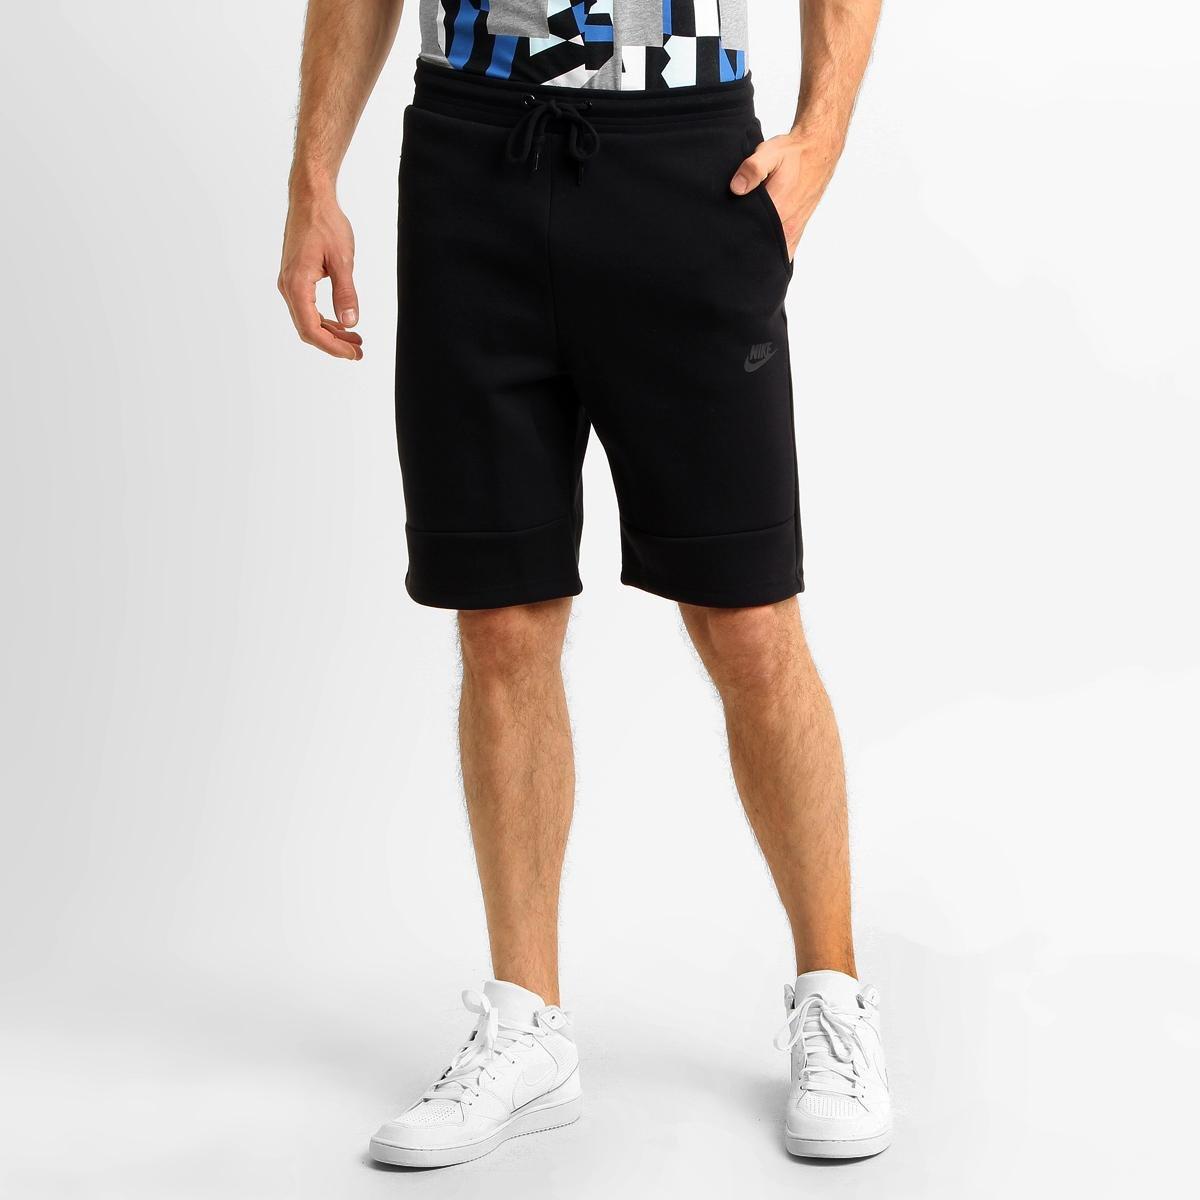 shorts nike tech fleece masculino